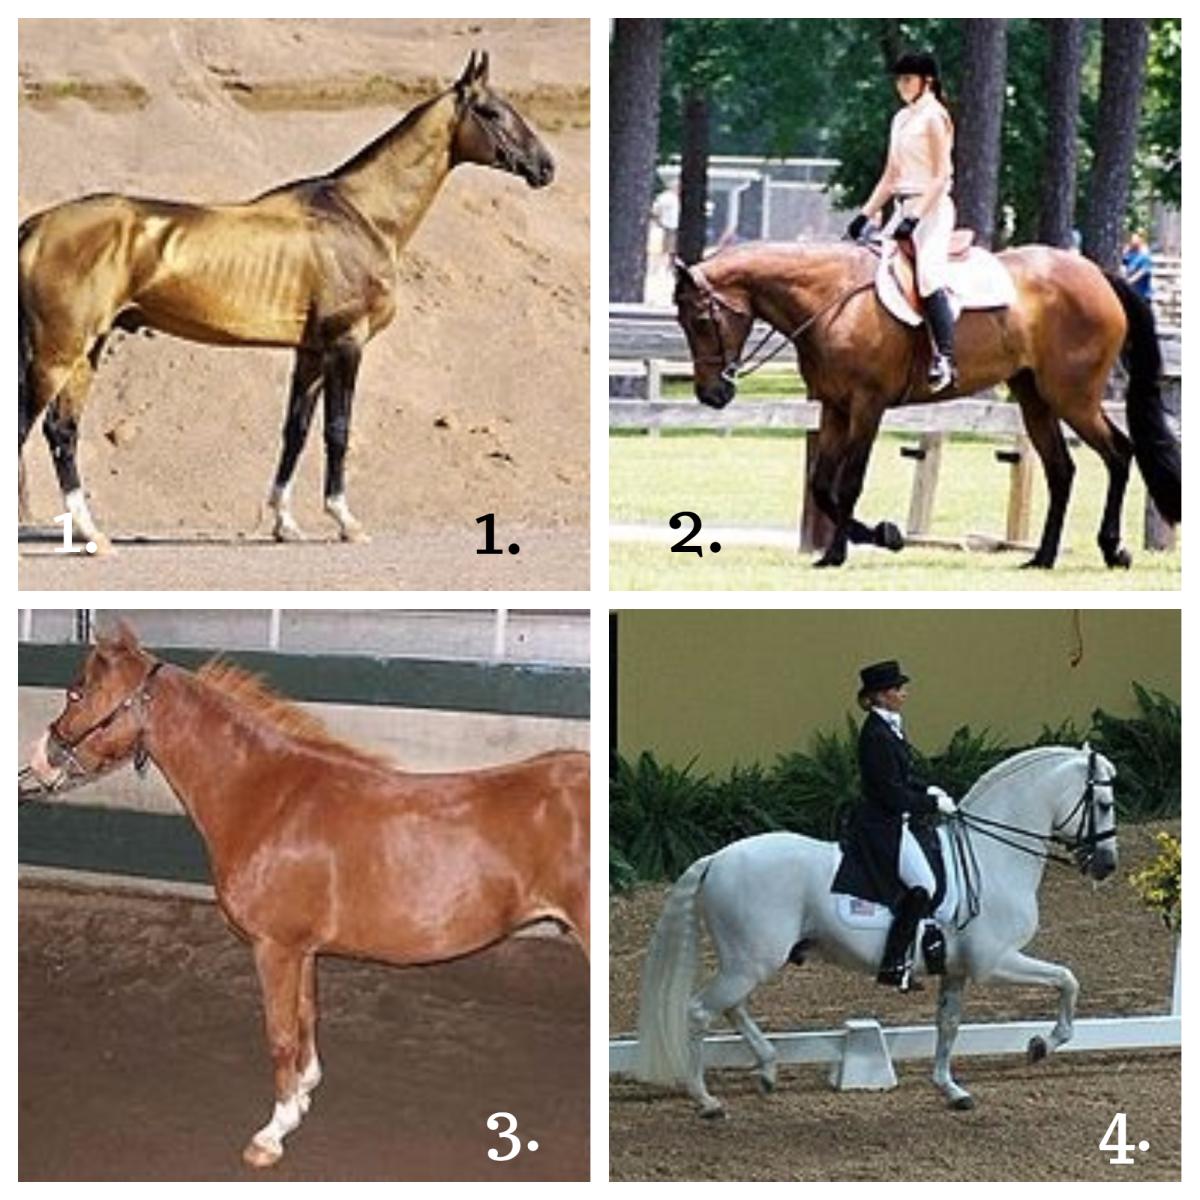 1. Akhal-Teke Horse 2. American Quarter Horse  3. American Shetland Horse 4. Andalusian Horse